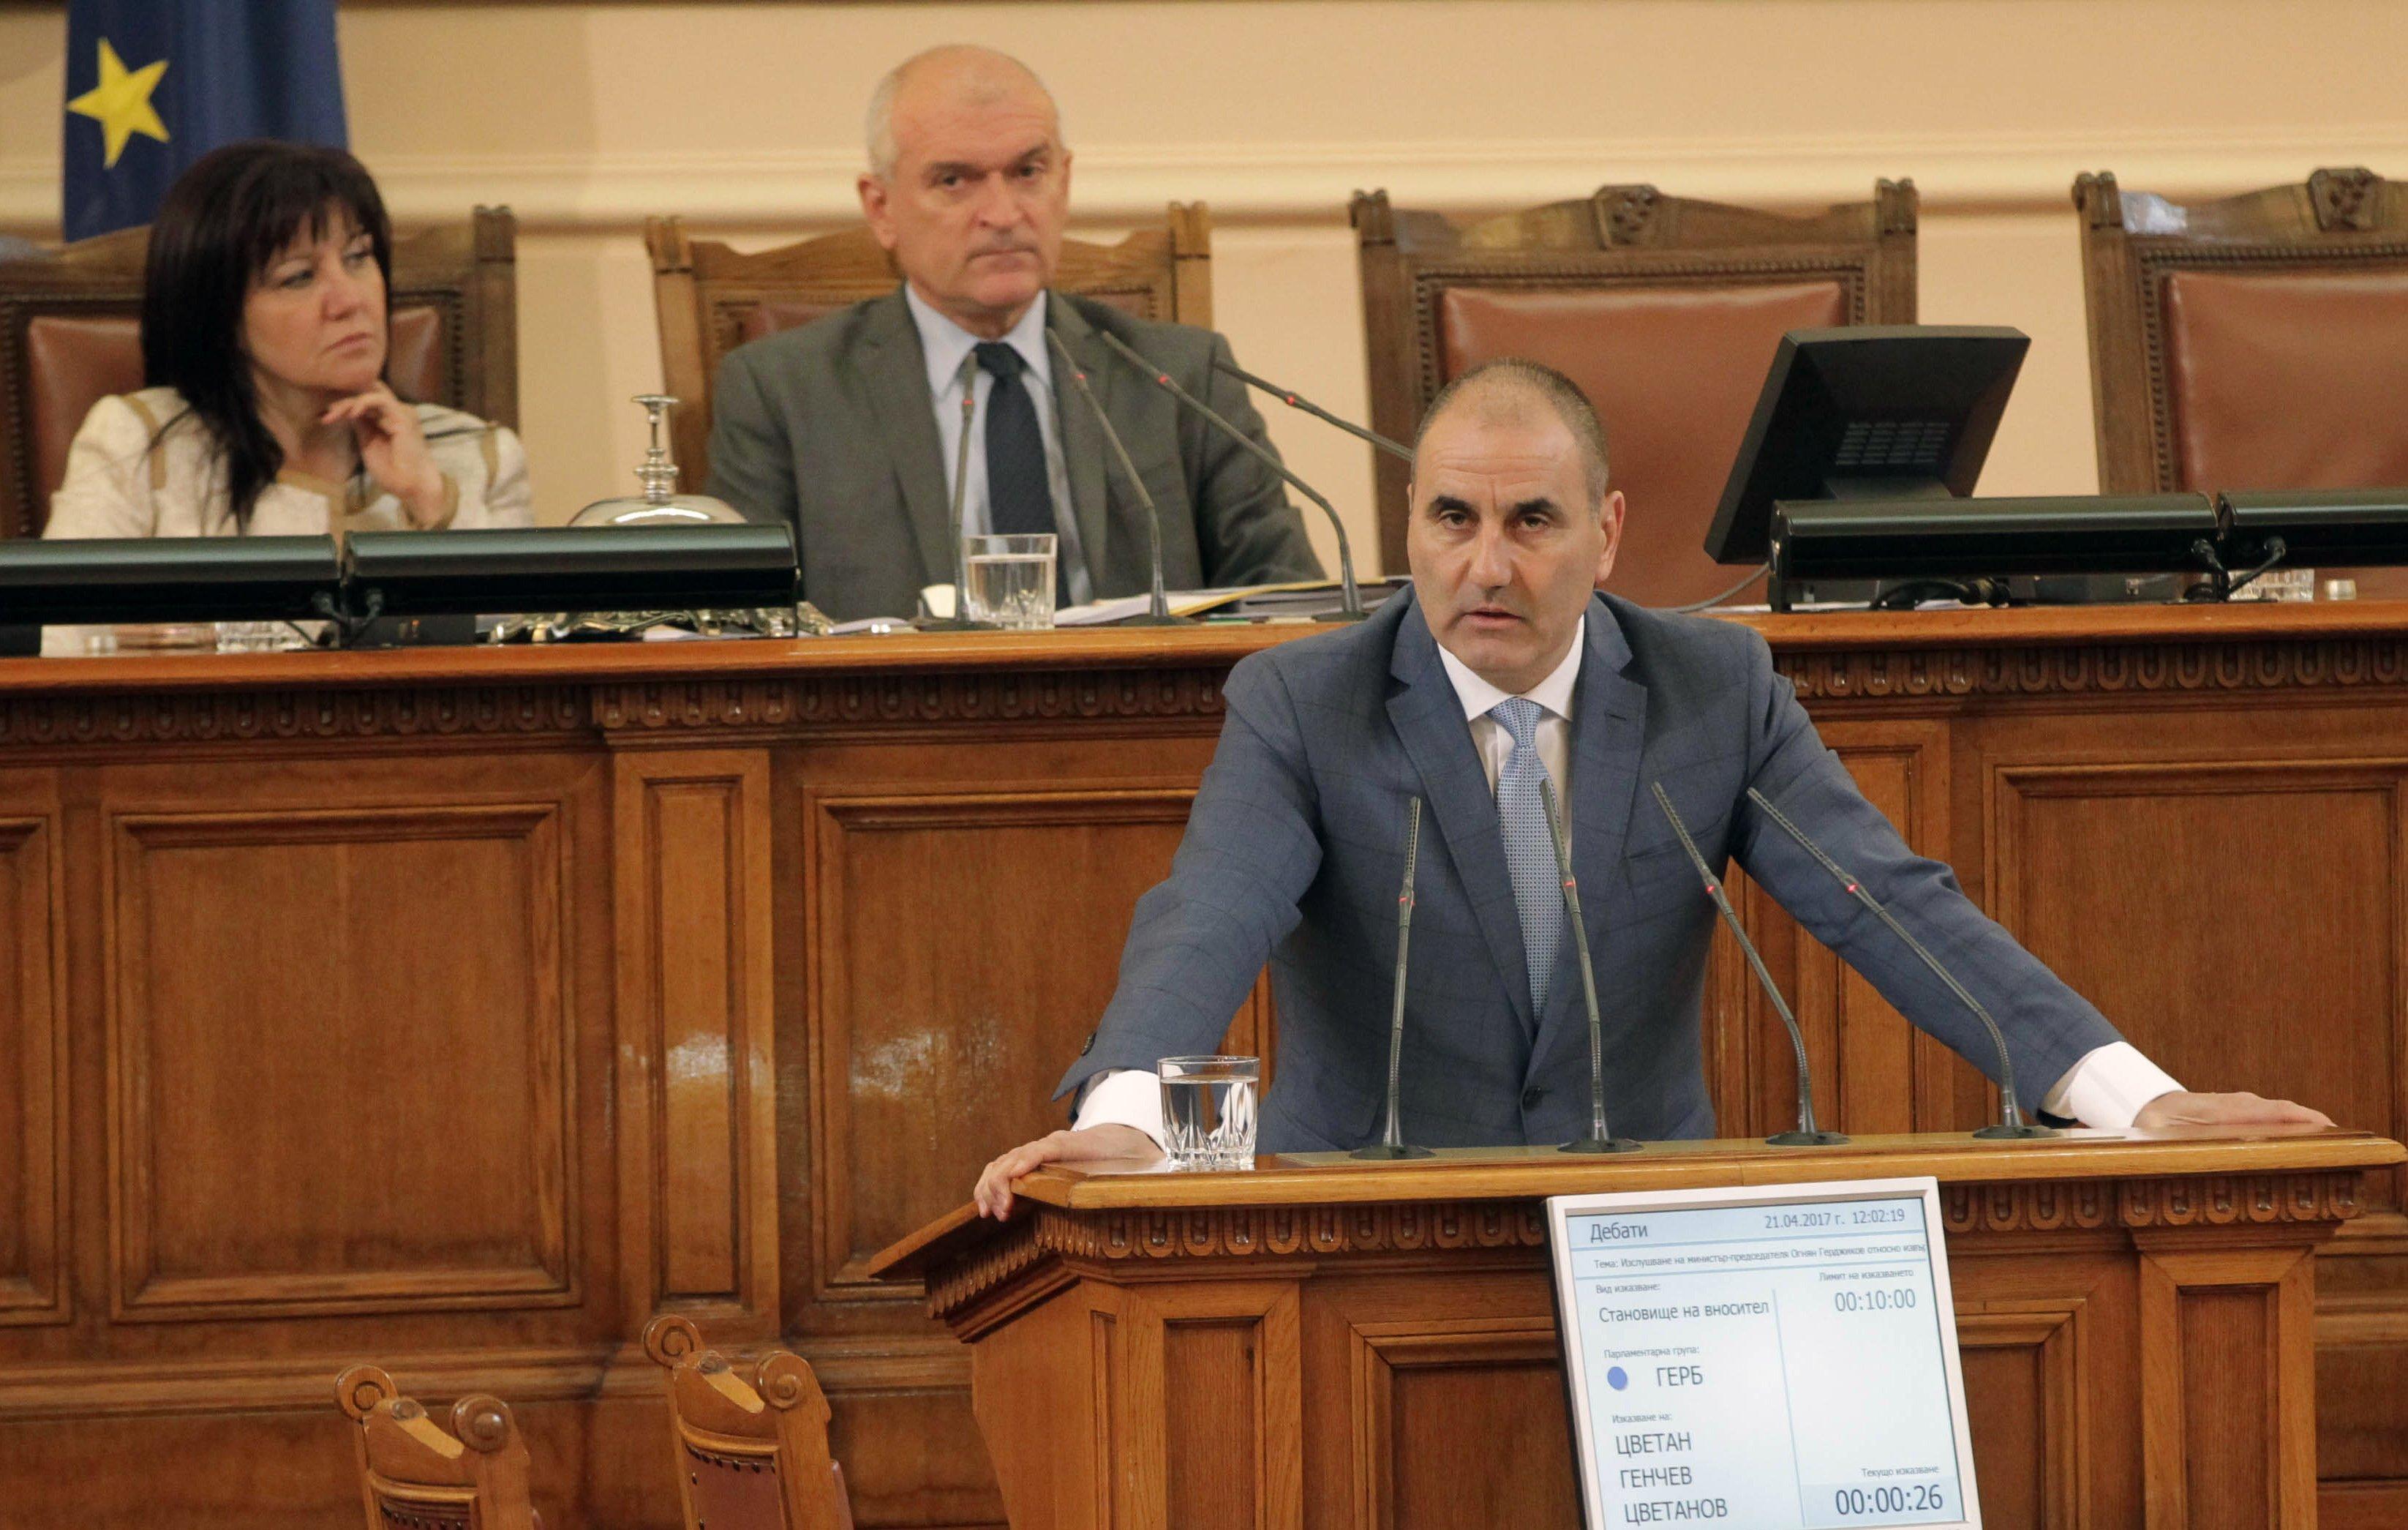 Цветанов: Уволненията са саботаж срещу новото правителство